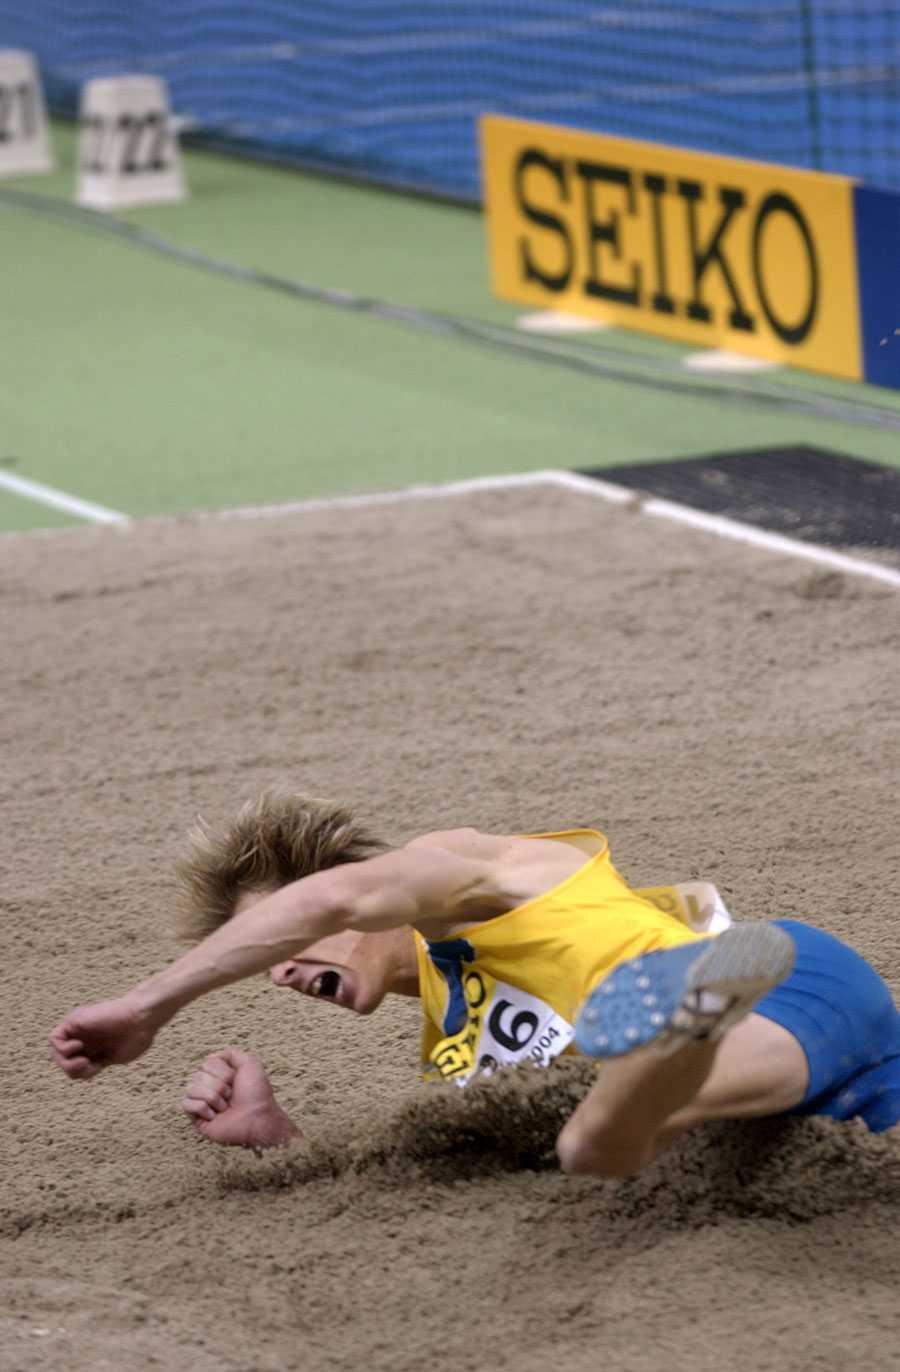 INOMHUS-VM I BUDAPEST 2004 Christian Olsson vinner sitt tredje raka mästerskapsguld inomhus. Segerhoppet på 17,83 är hans längsta i karriären.